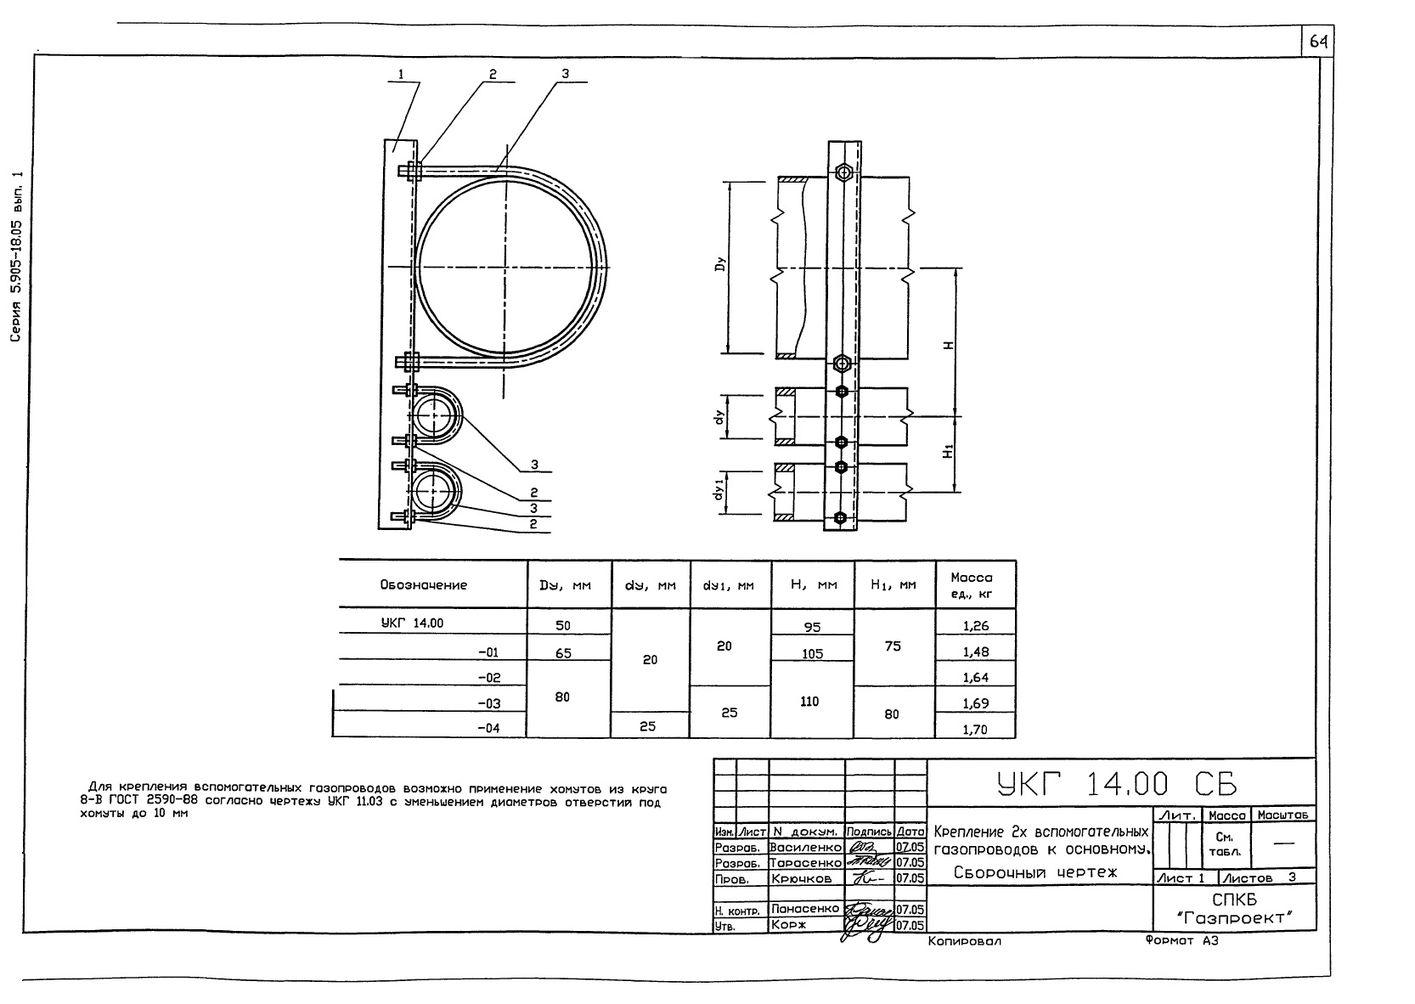 Крепление 2х (двух) вспомогательных газопроводов к основному УКГ 14.00 СБ серия 5.905-18.05 выпуск 1 стр.1